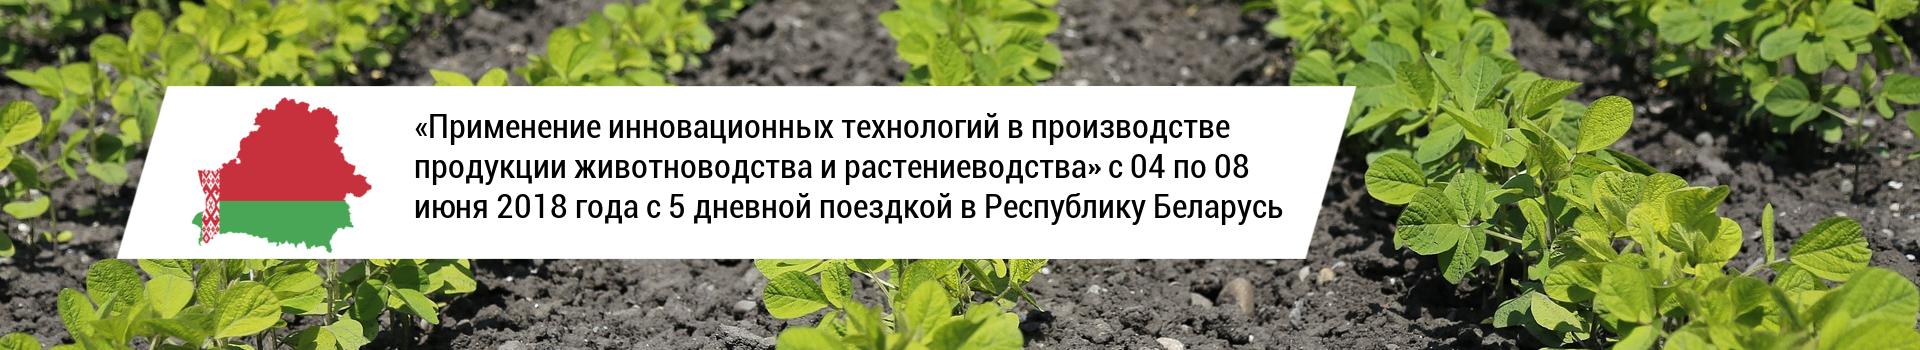 Применение инновационных технологий в производстве продукции животноводства и растениеводства с поездкой в Республику Беларусь